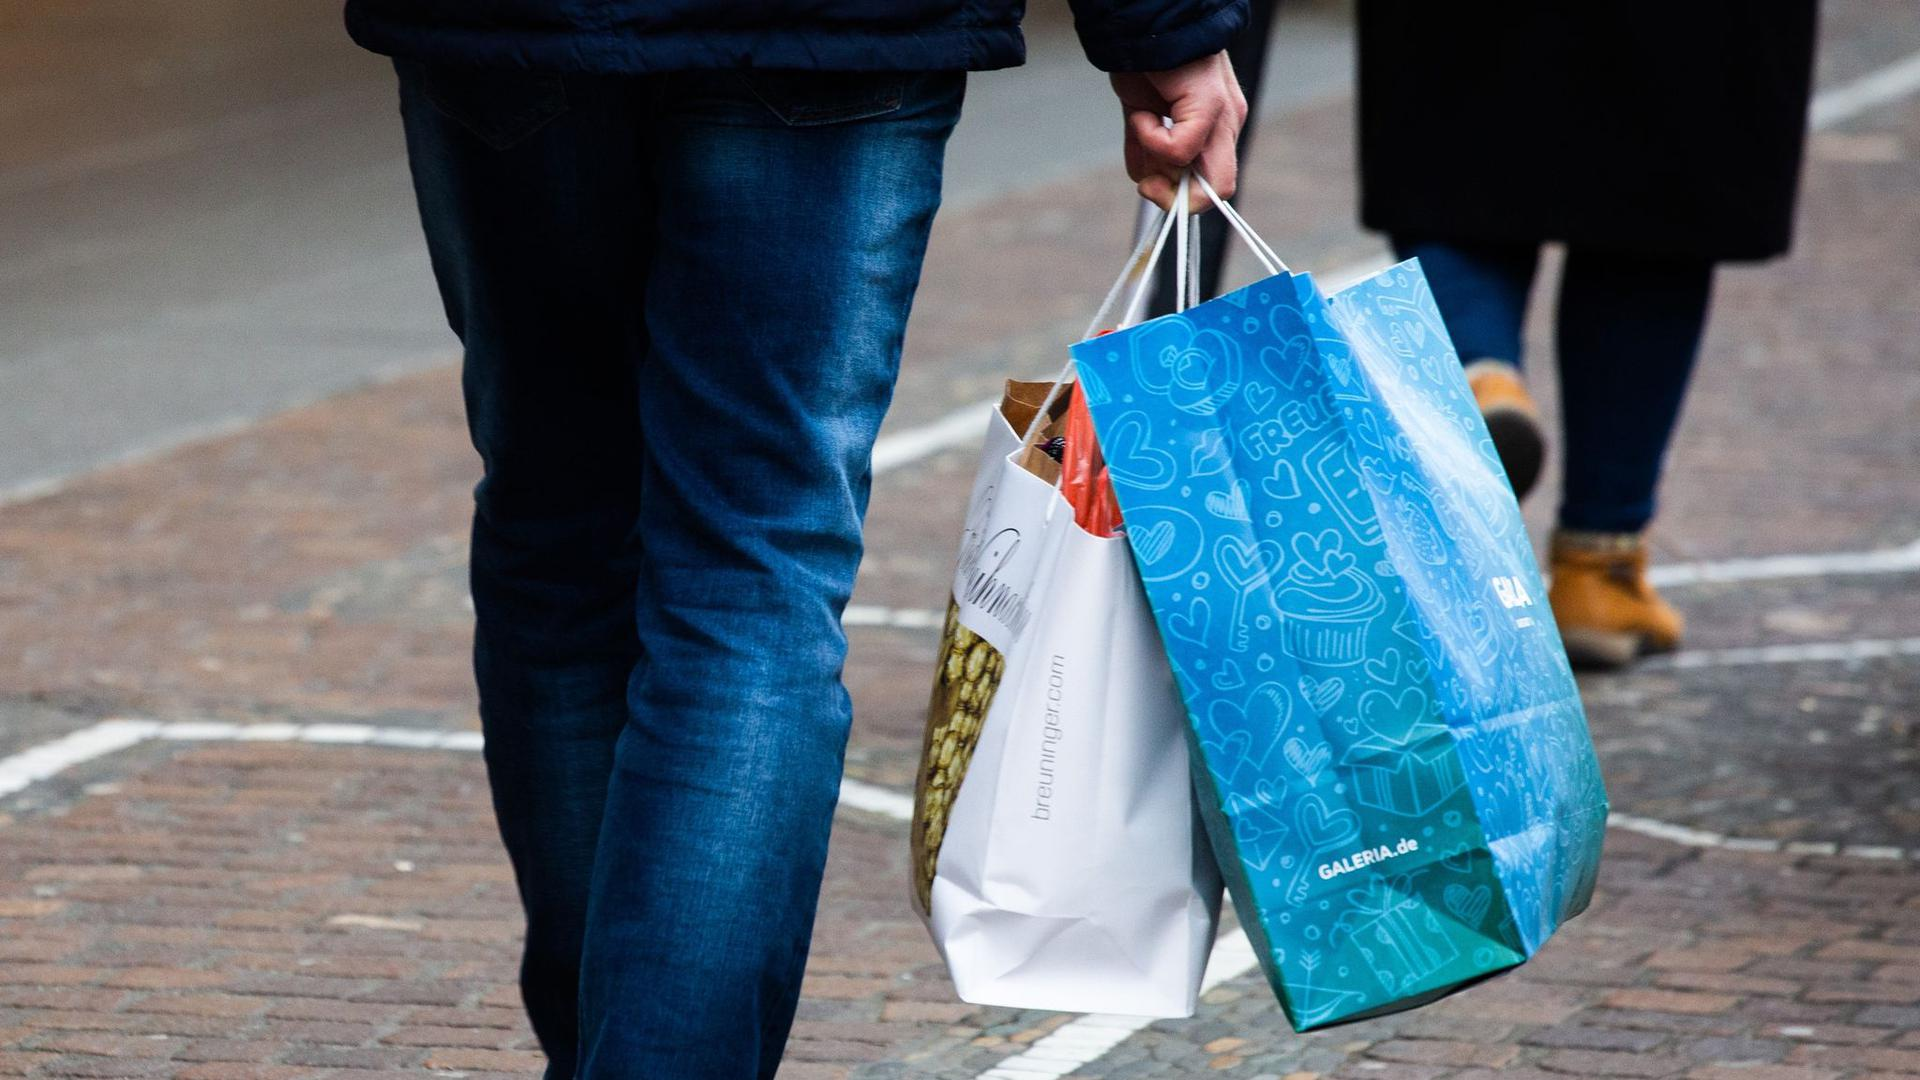 Aufgrund der anhaltend hohen Zahl an Infektionen sind auch Ladenschließungen wieder im Gespräch.